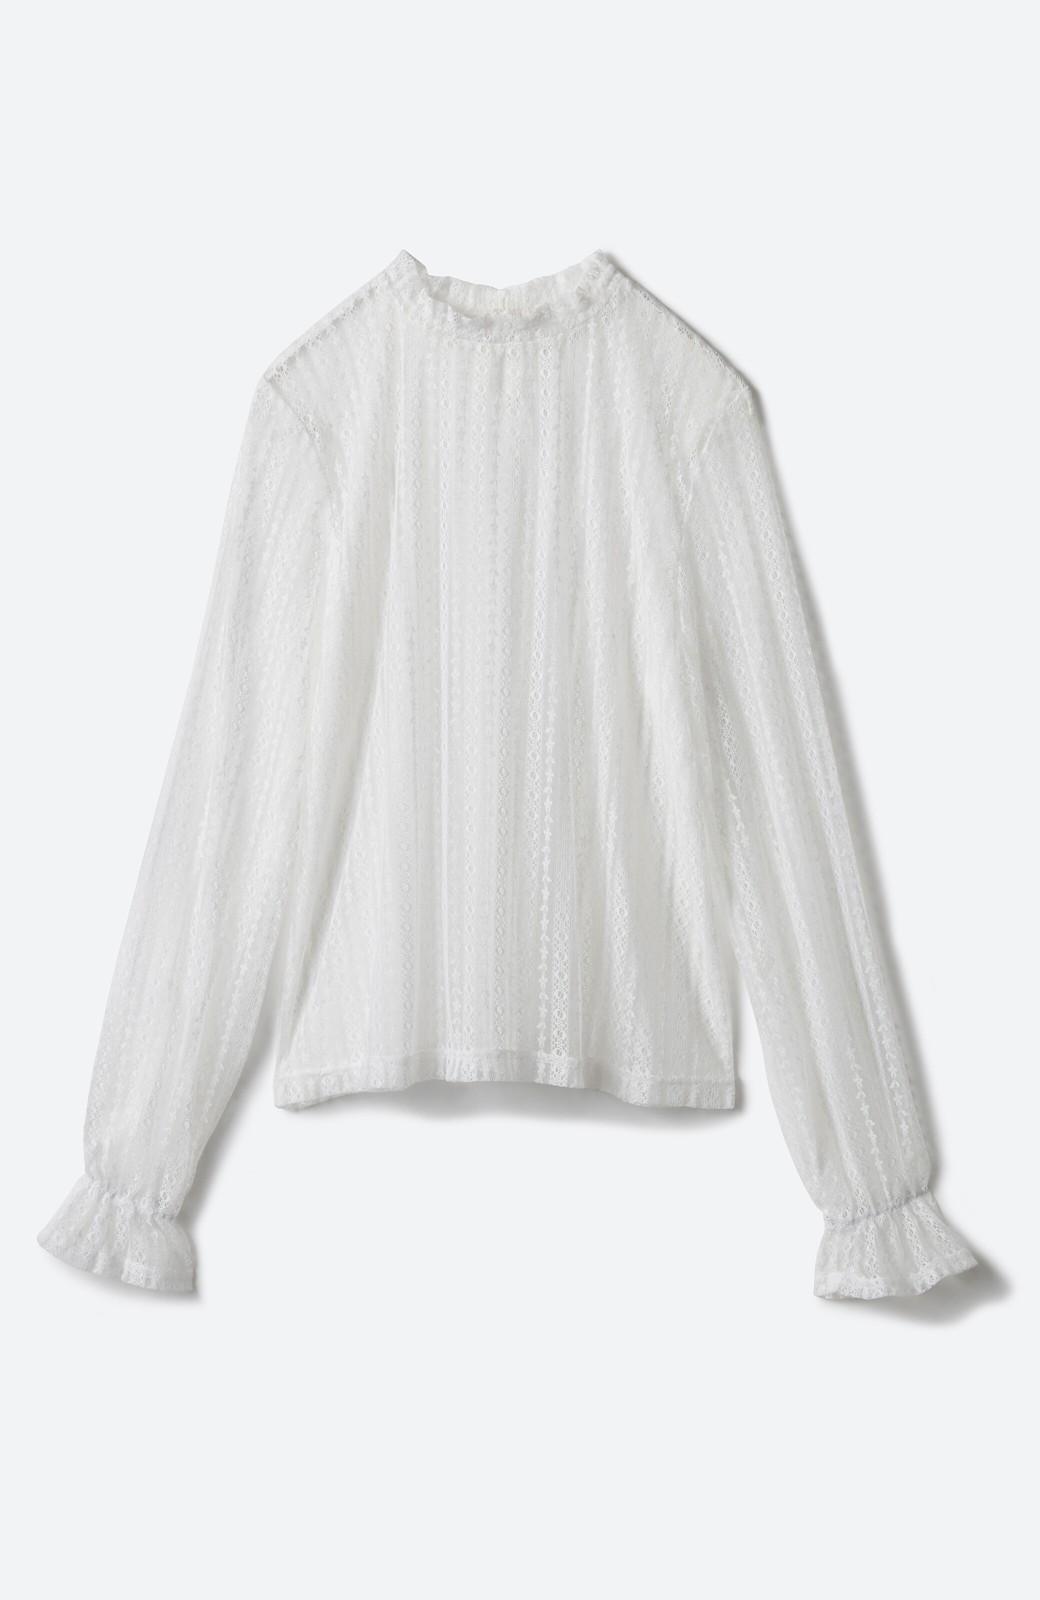 haco! 重ね着にも便利な伸びる女っぽレーストップス <ホワイト>の商品写真2